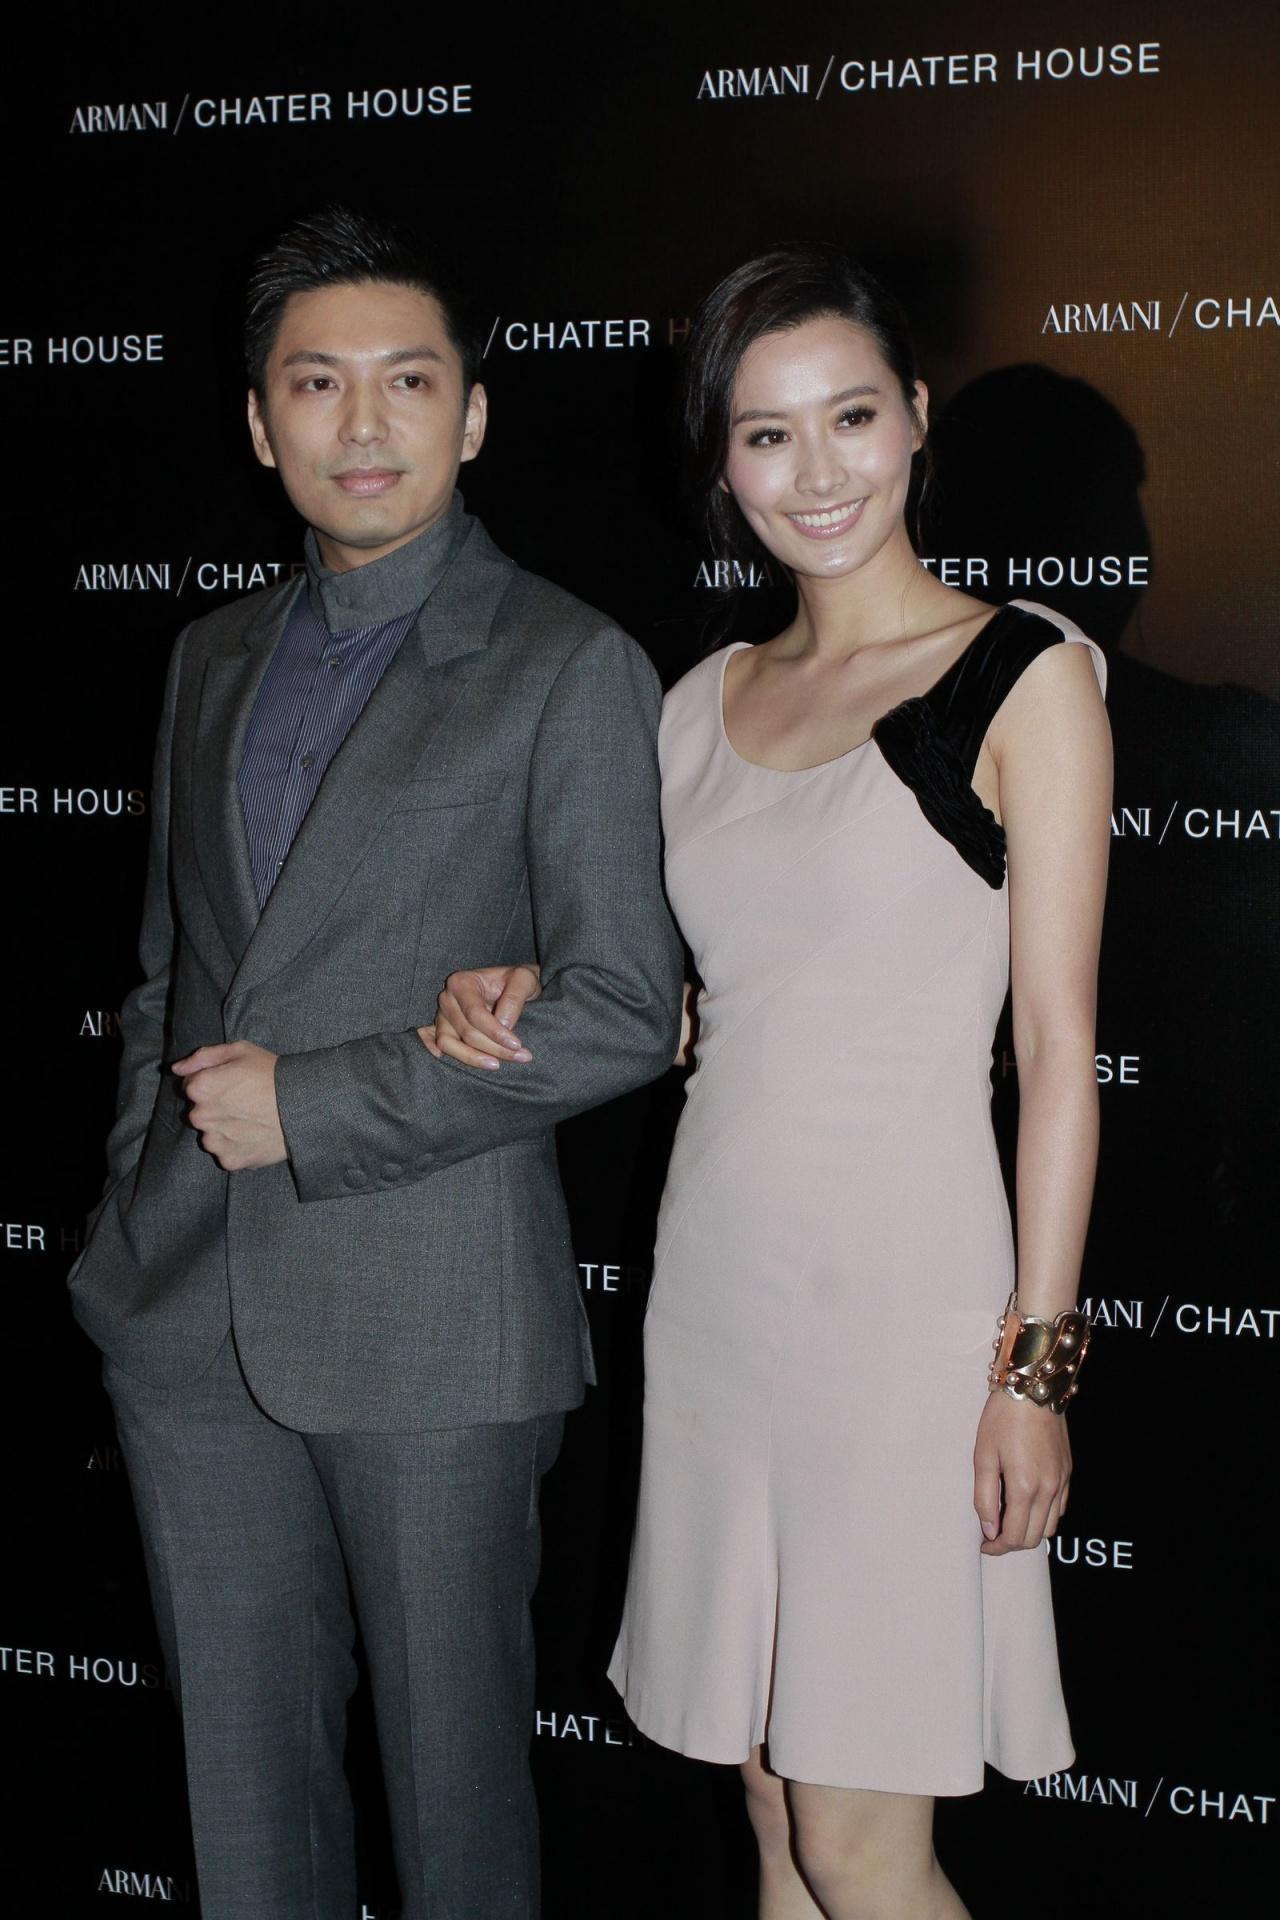 陳法拉跟Neway大少薛世恒拍拖多年,有傳二人結婚,可是2013年宣布分手,法拉至今一直未有着落。(TungStar)